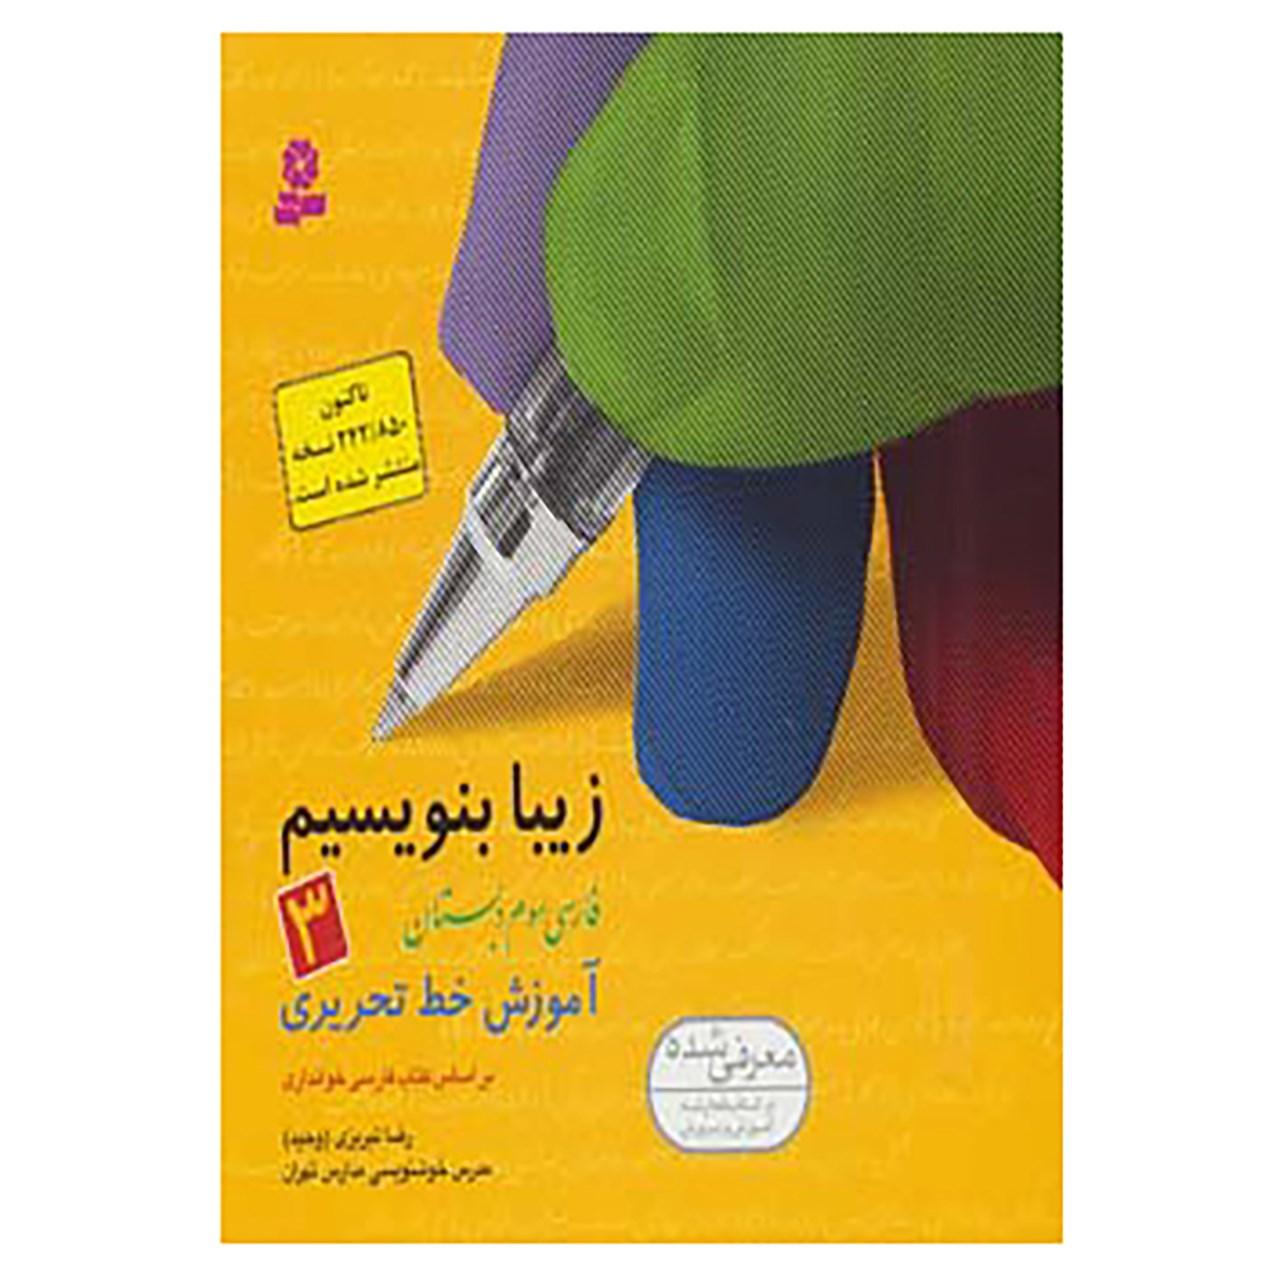 خرید                      کتاب زیبا بنویسیم 3 اثر رضا تبریزی